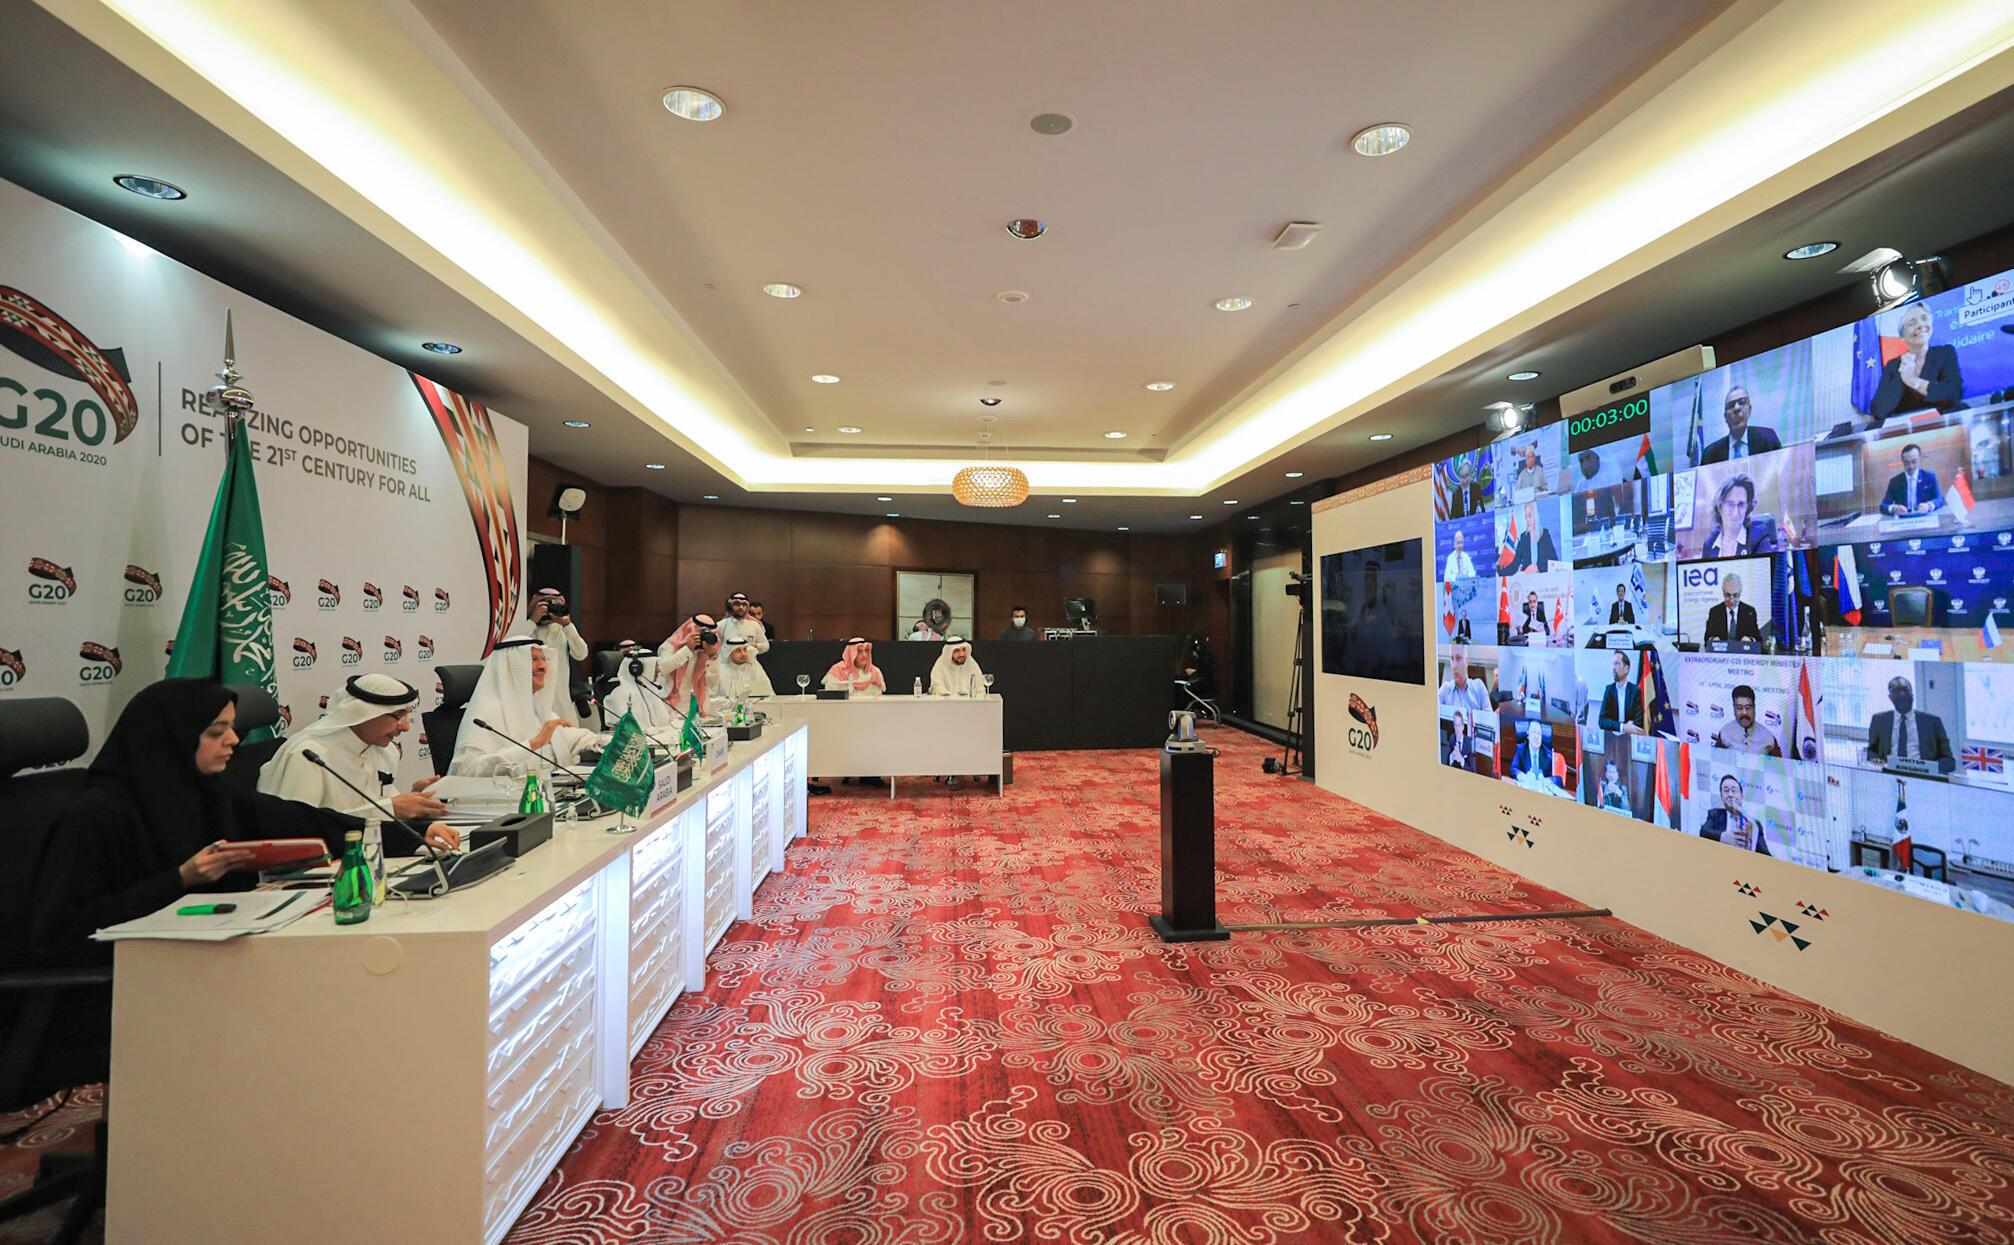 L'Arabie saoudite organise une réunion virtuelle avec les ministres des Finances du G20 et les directeurs des banques centrales, le 15 avril 2020